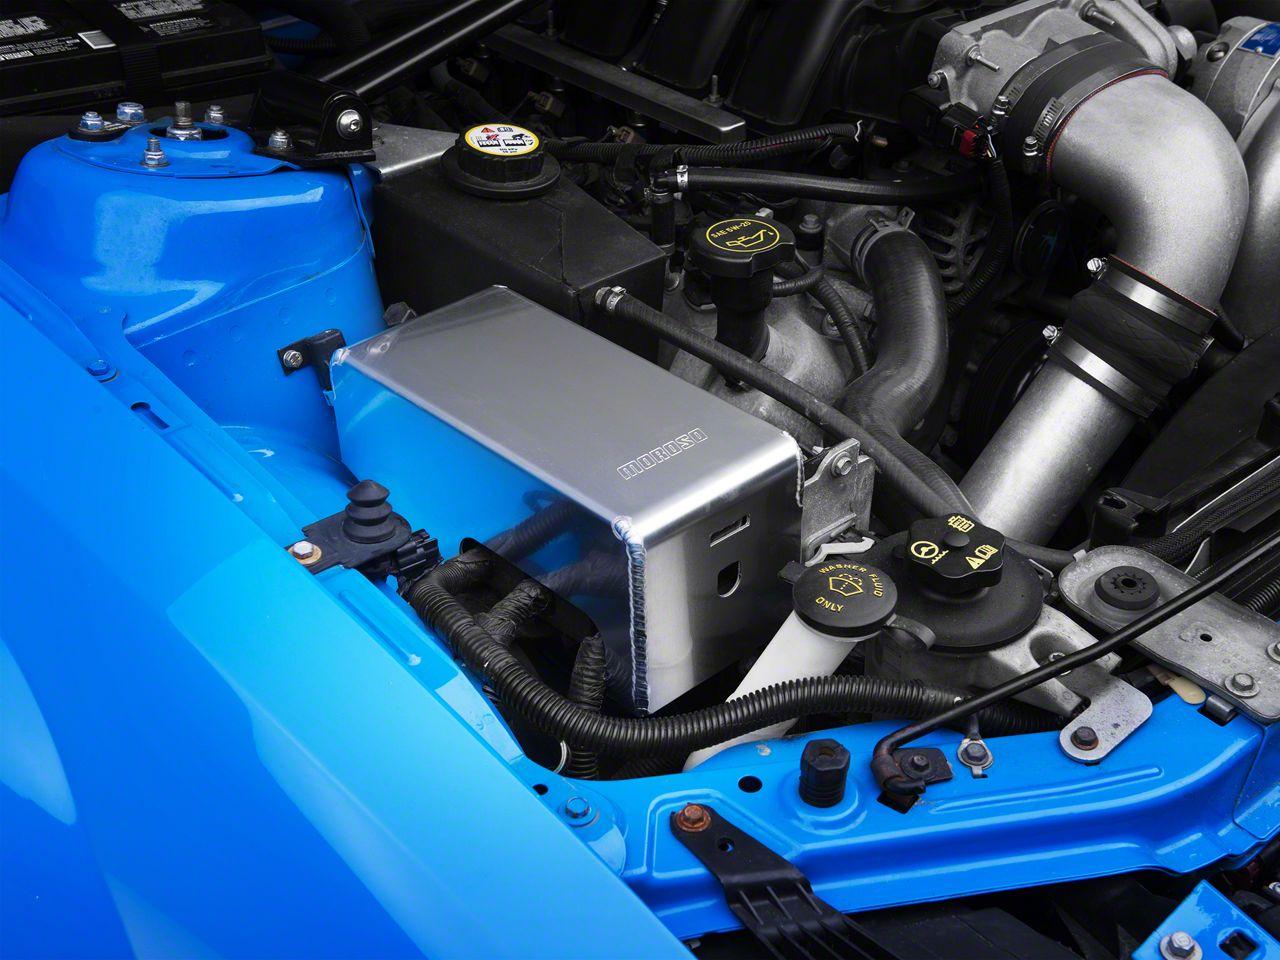 Moroso Fuse Box Cover (05-09 GT, V6)